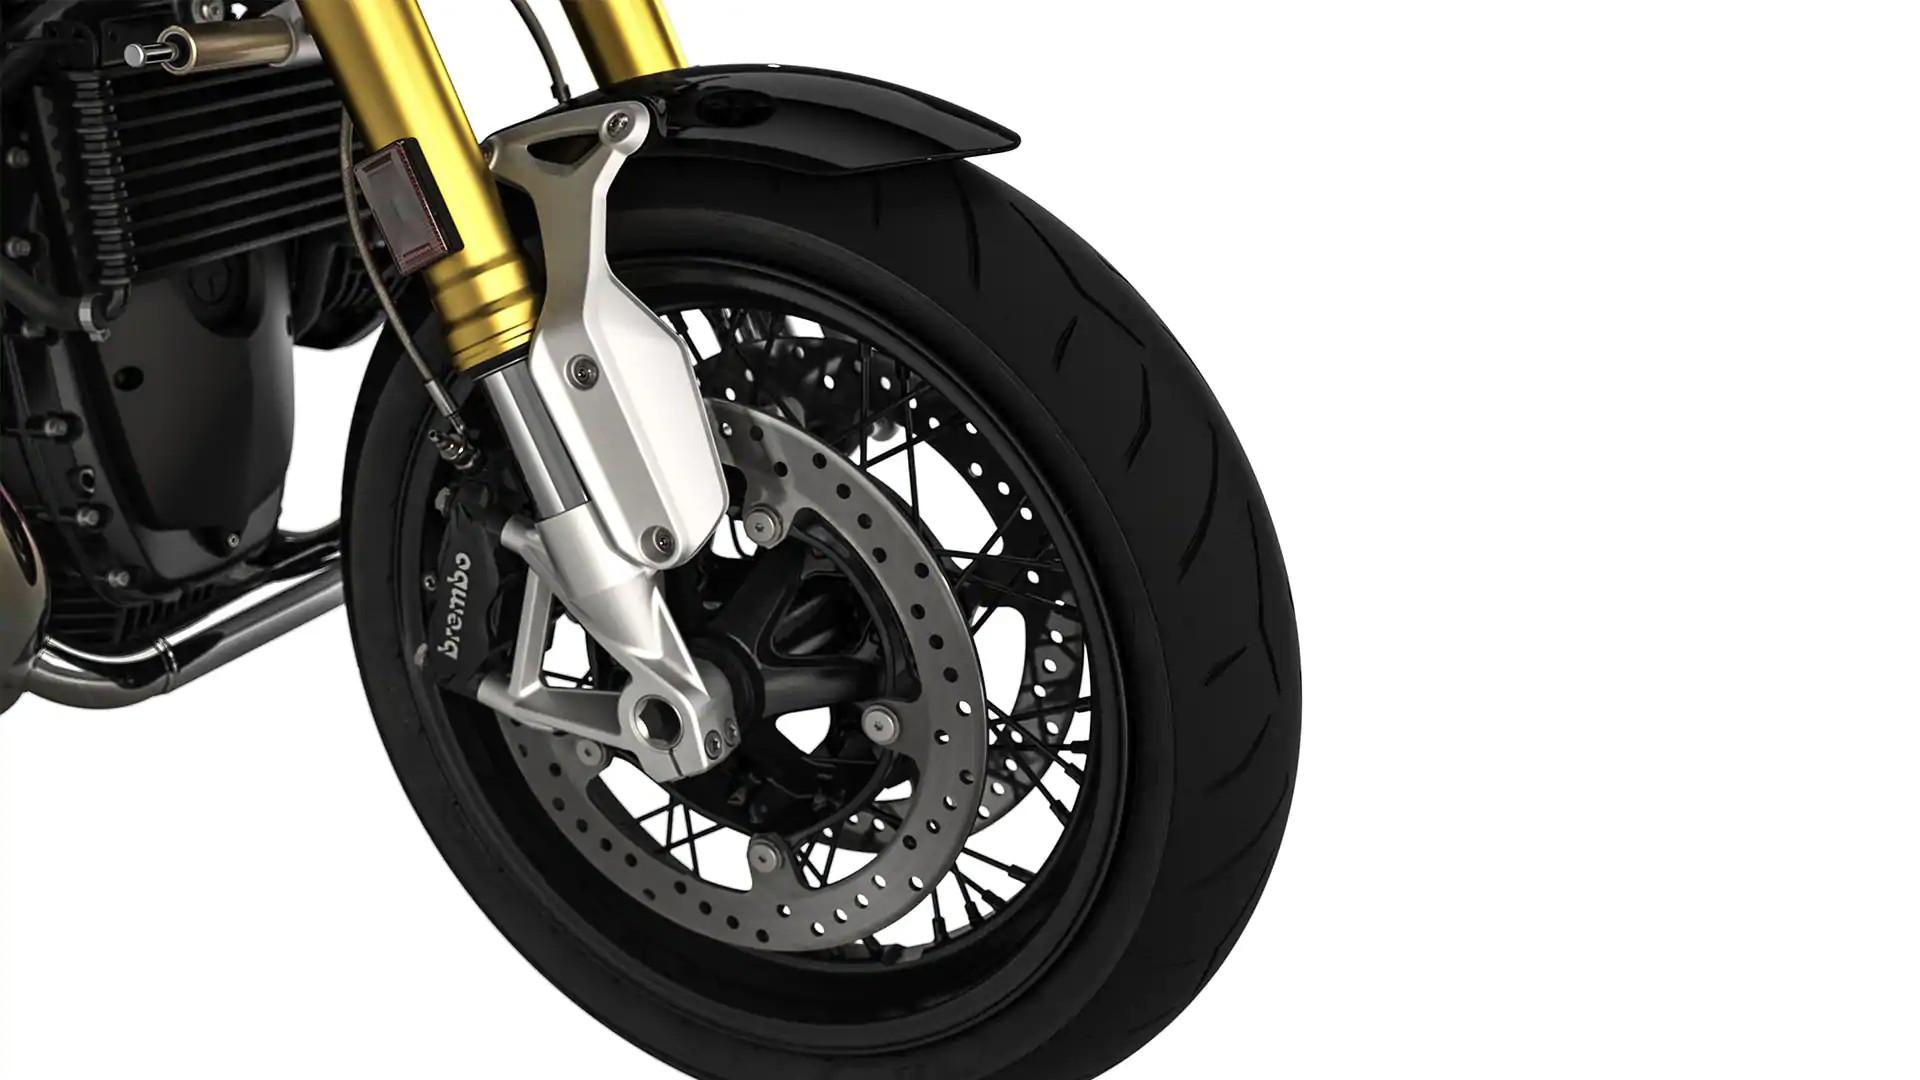 Спицевые колеса с кронштейном переднего крыла